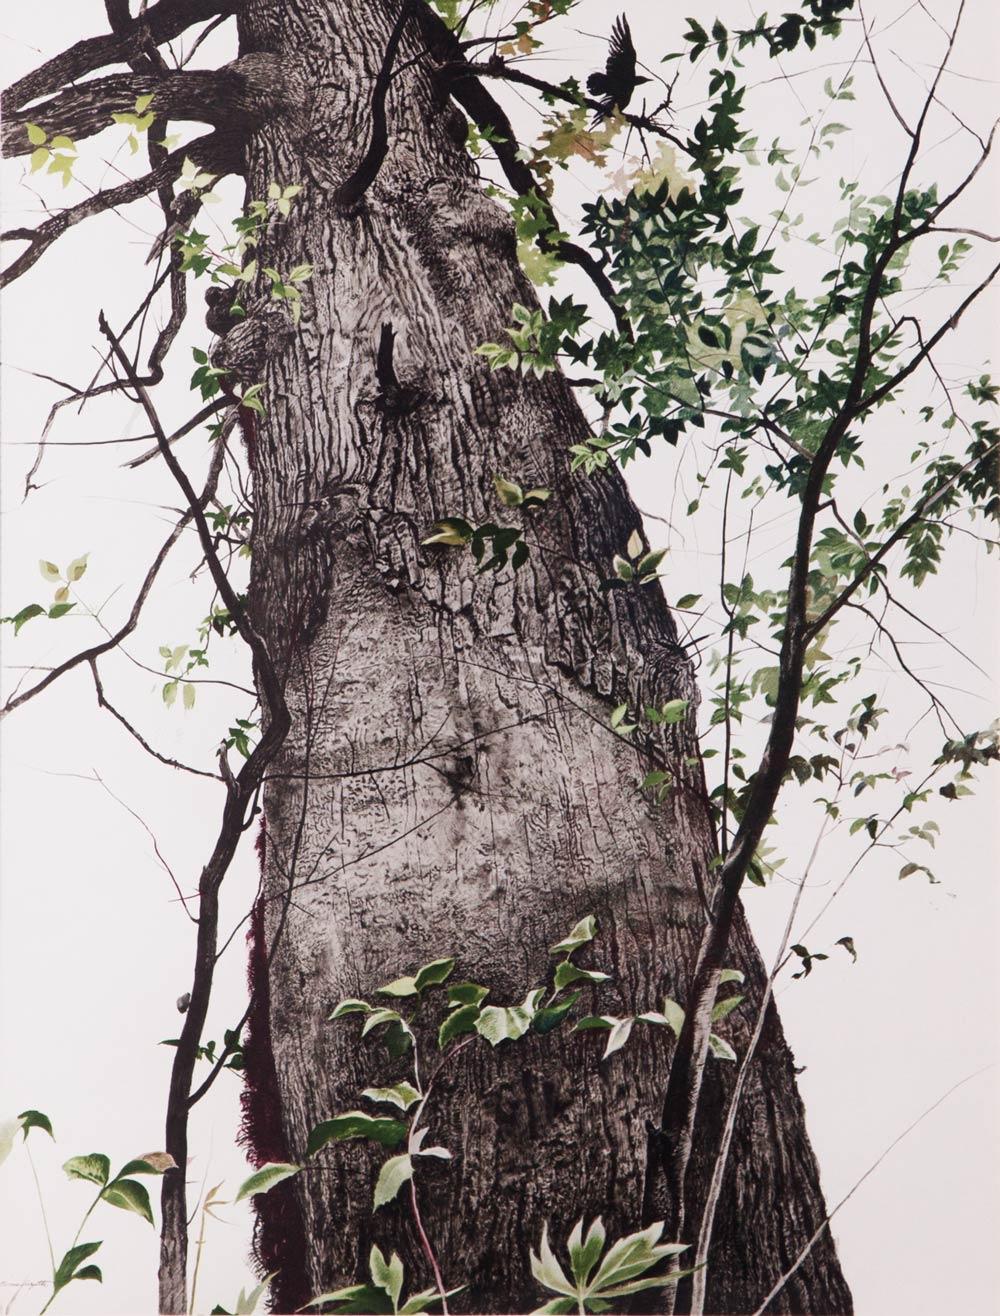 wyeth-2.jpg